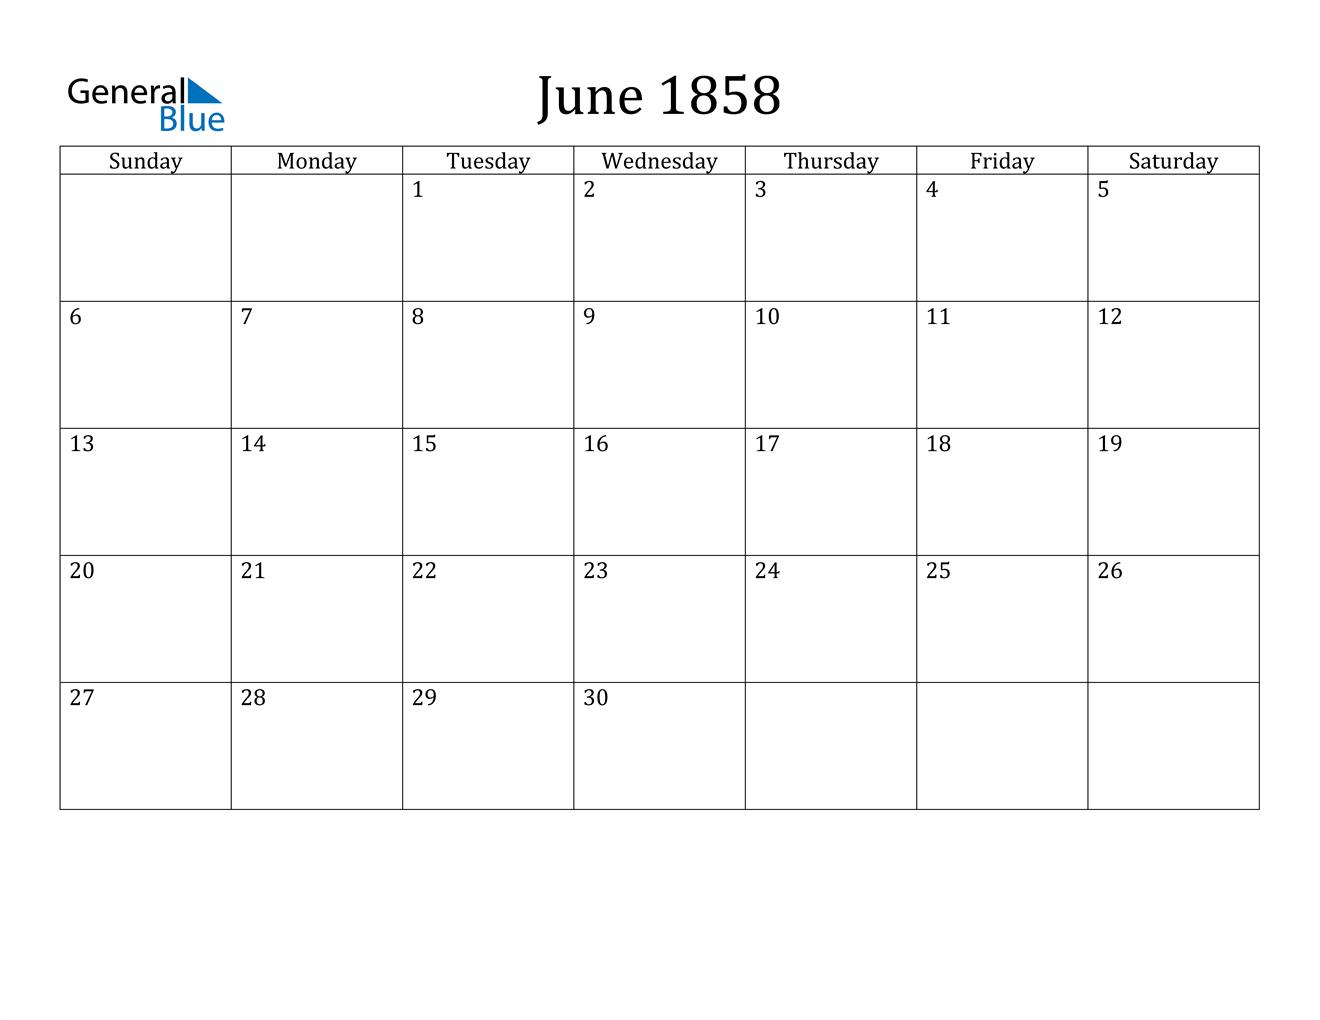 Image of June 1858 Calendar